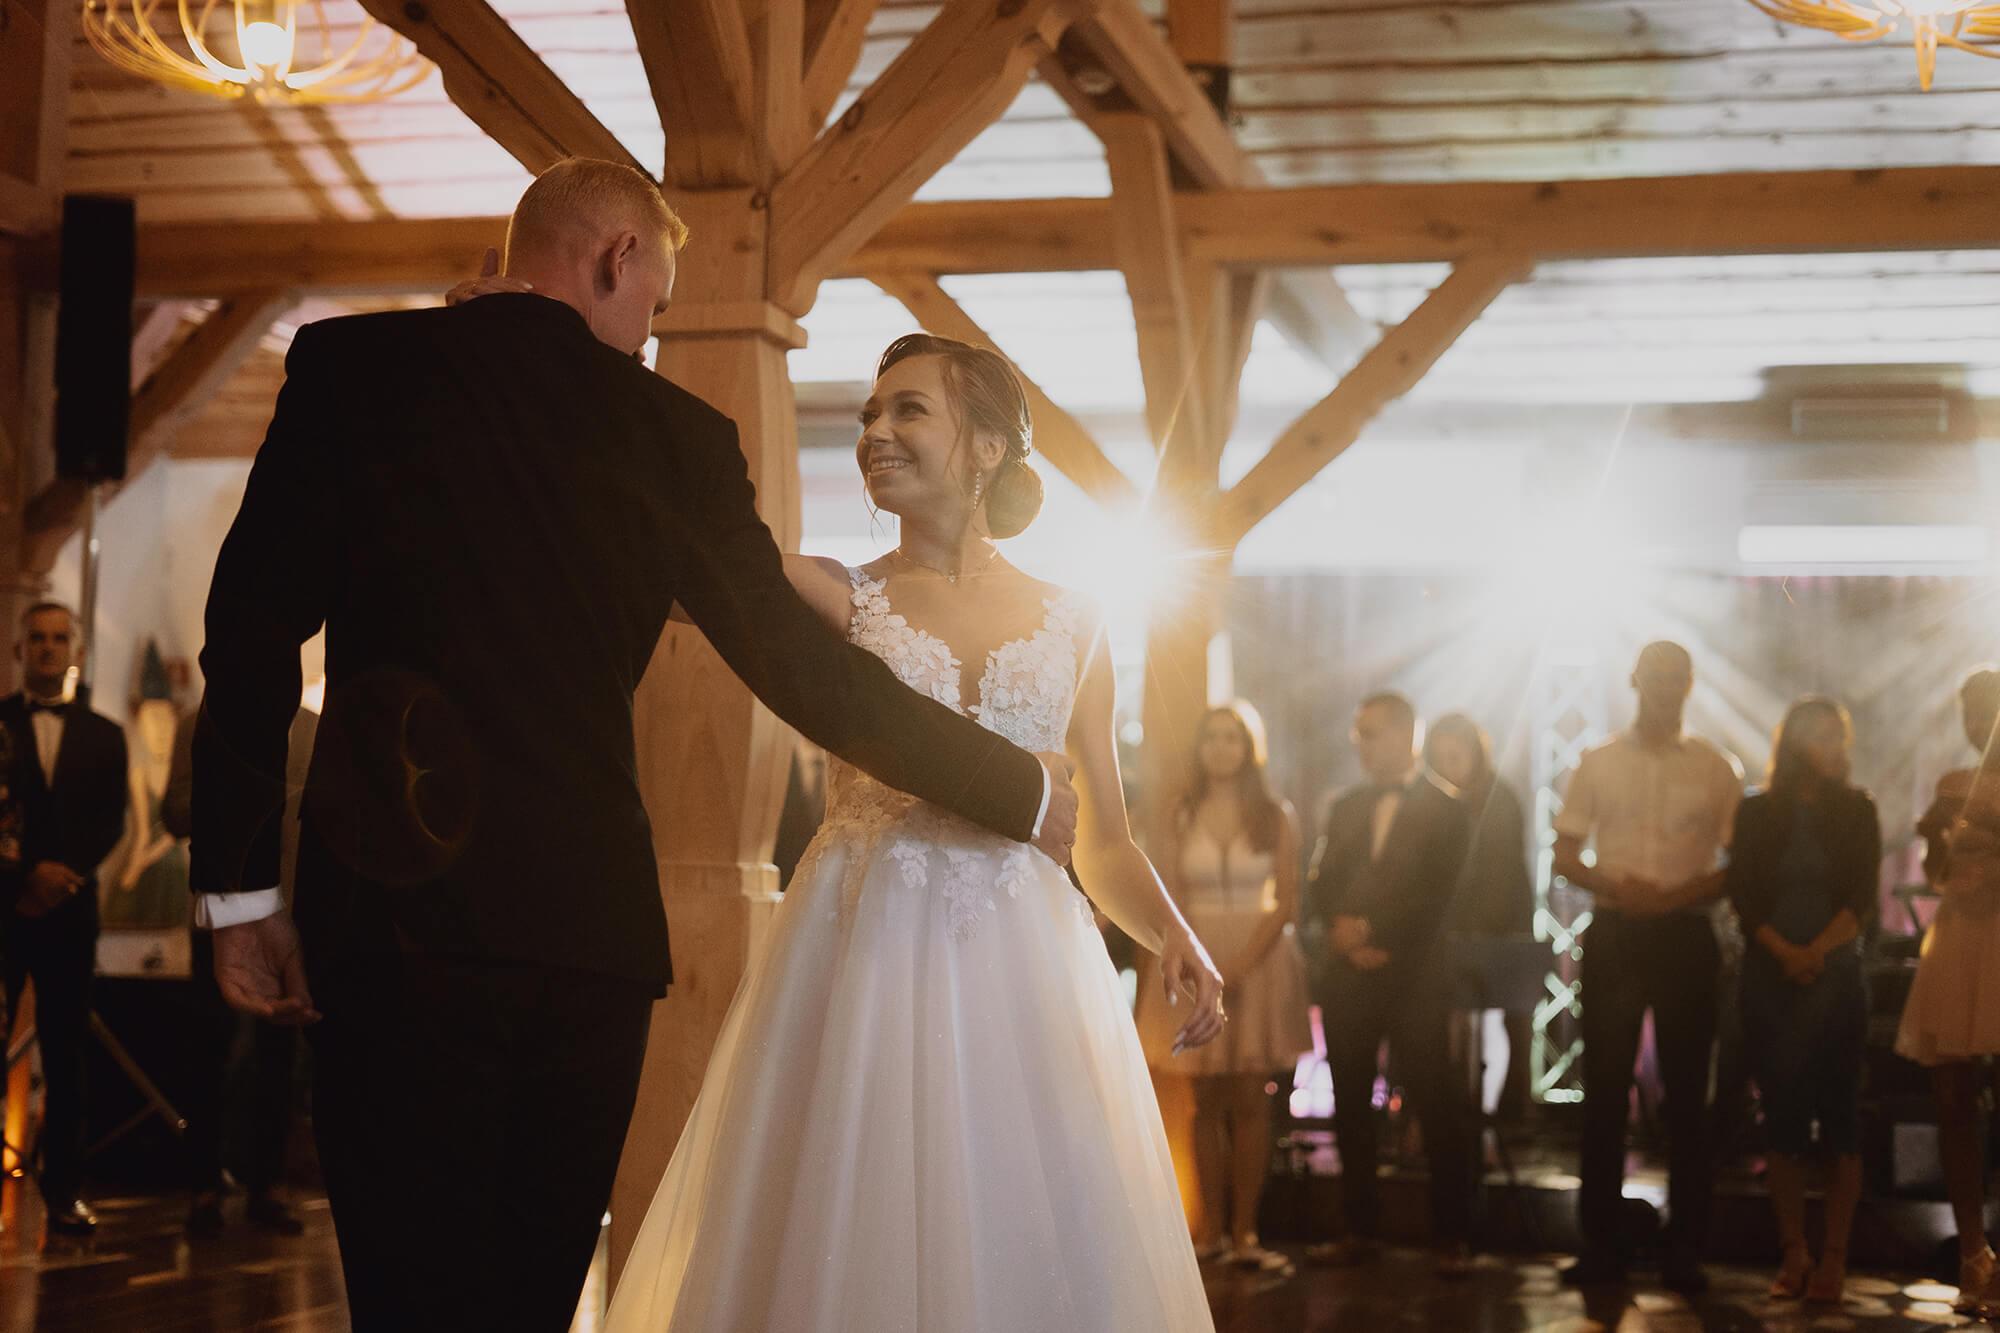 Slub wesele w dworze Hulanka00091 - Ola + Maciej | wesele w Dworze Hulanka